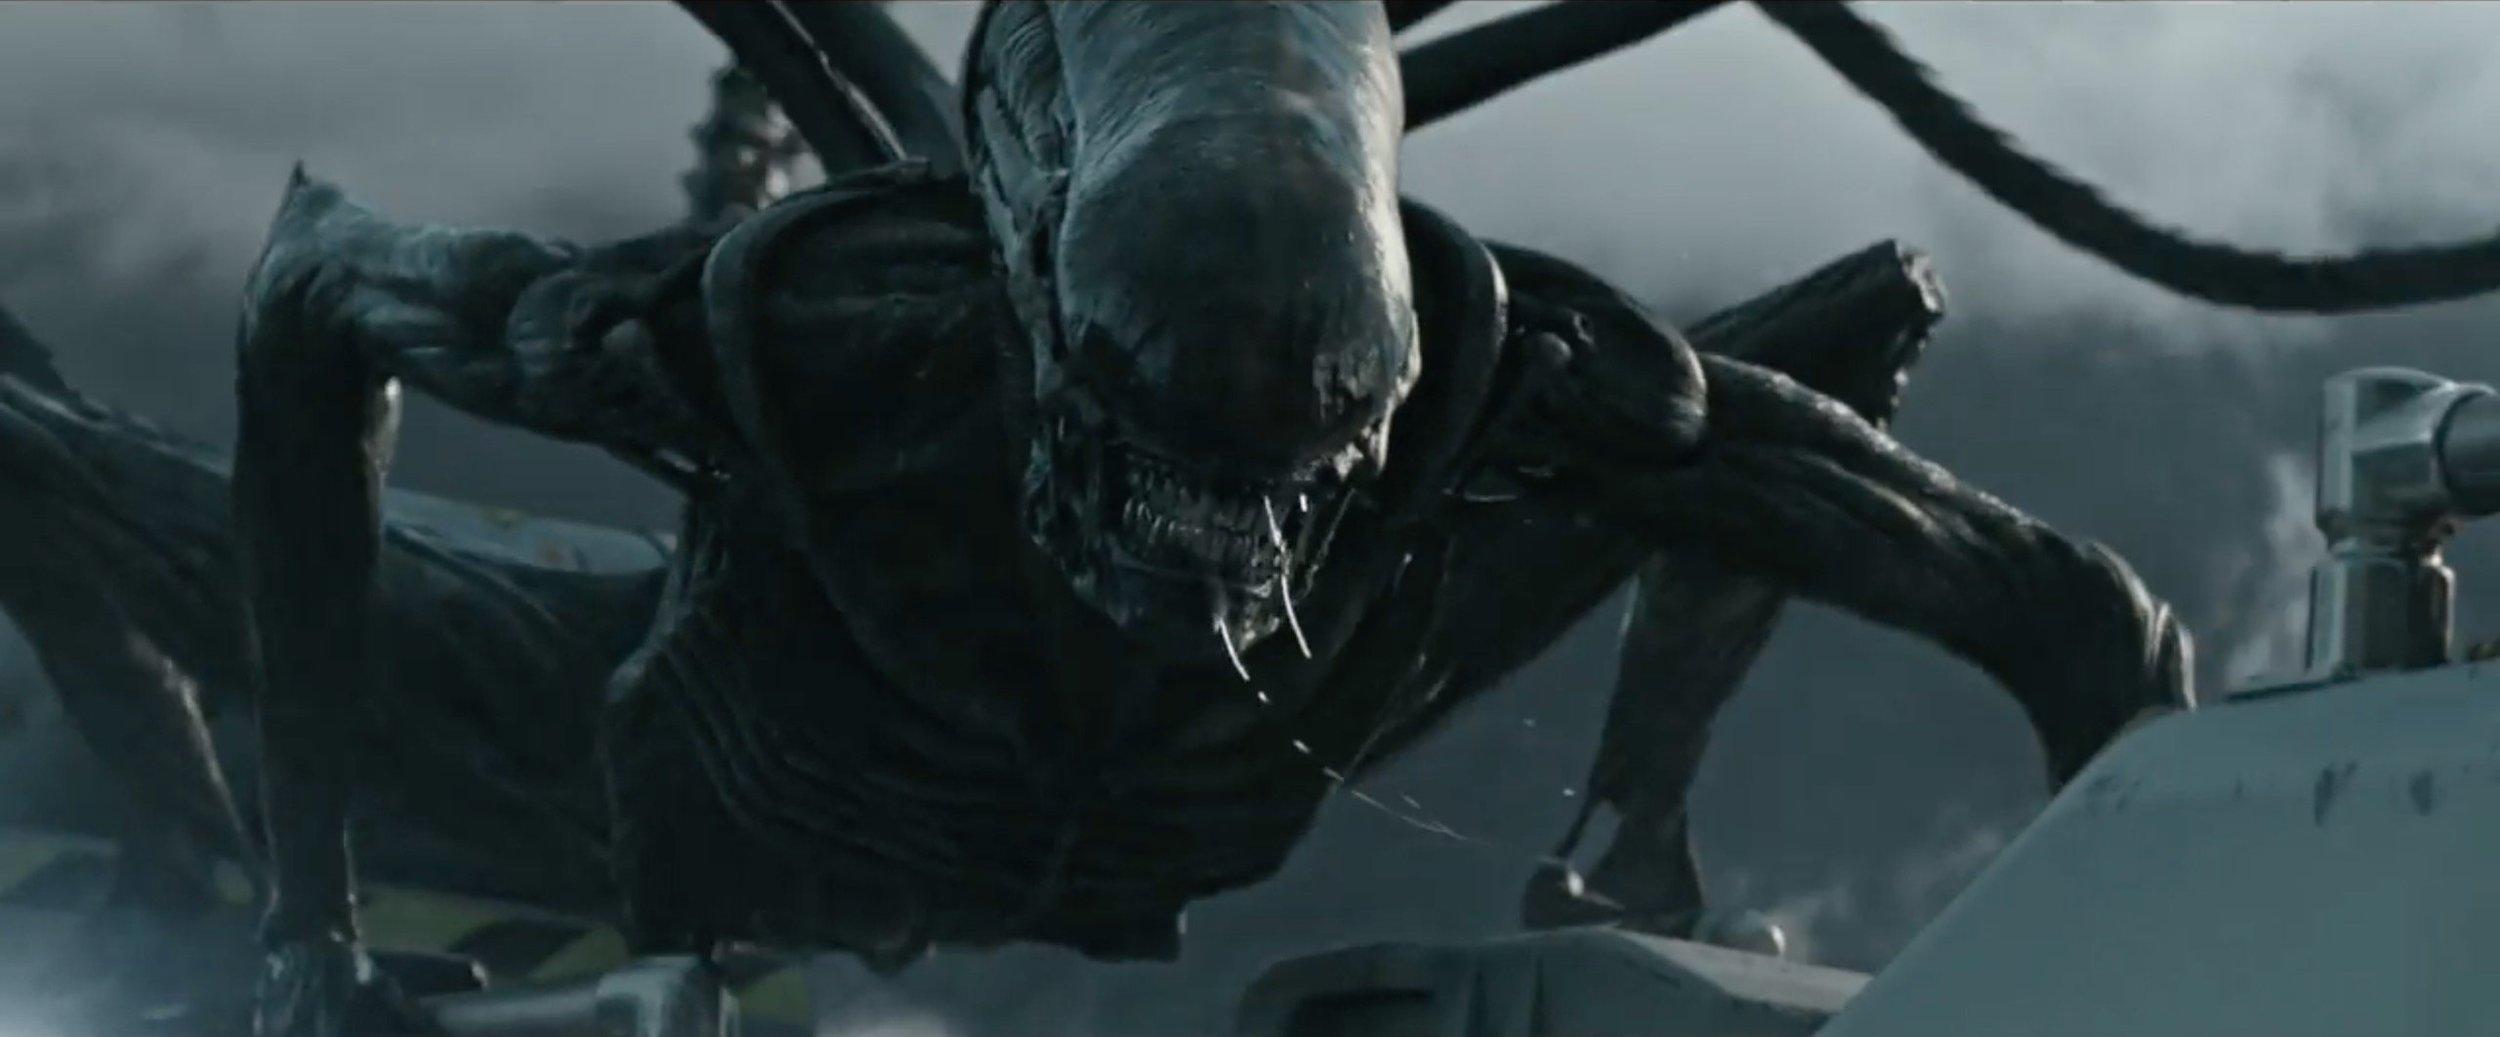 alien-covenant-neomorph.jpg